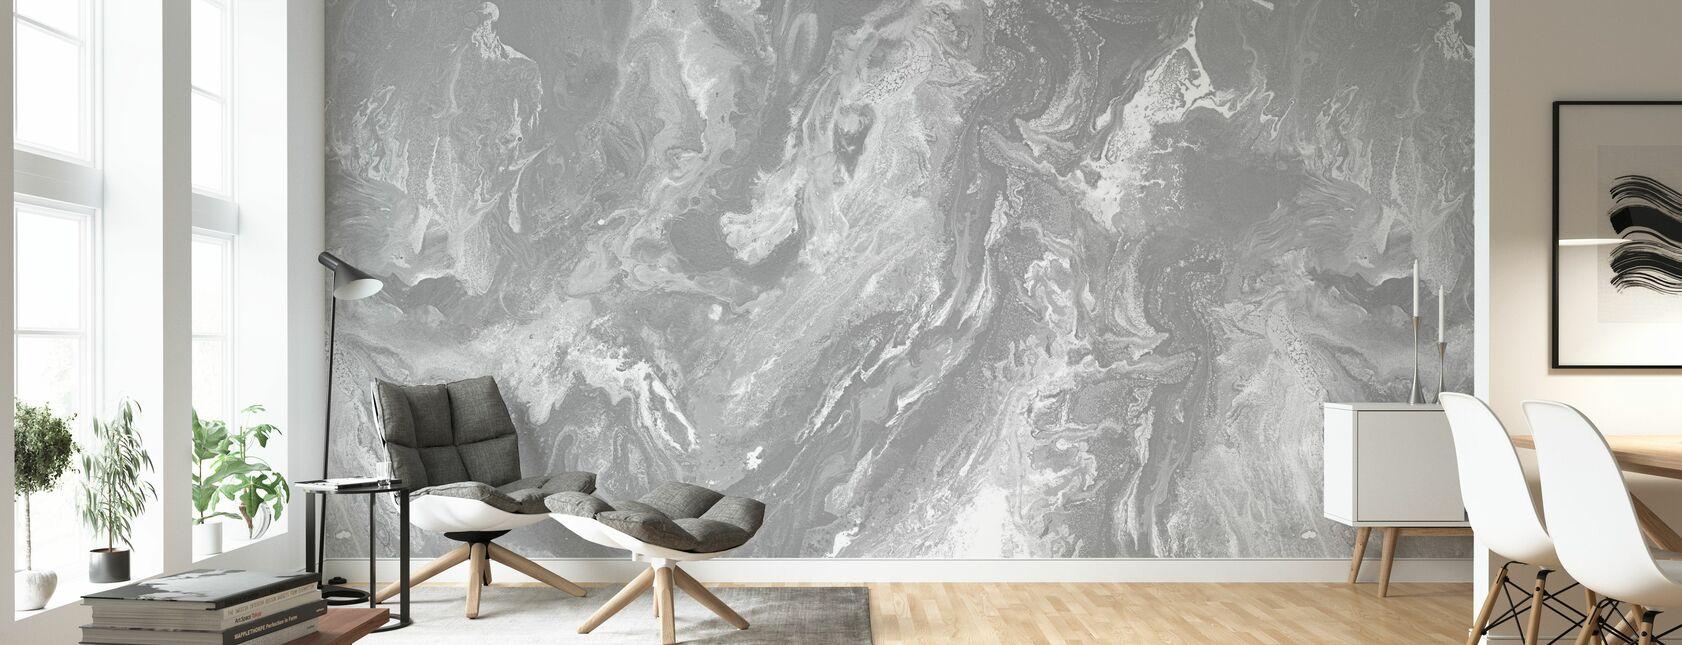 Brume - Granite - Wallpaper - Living Room